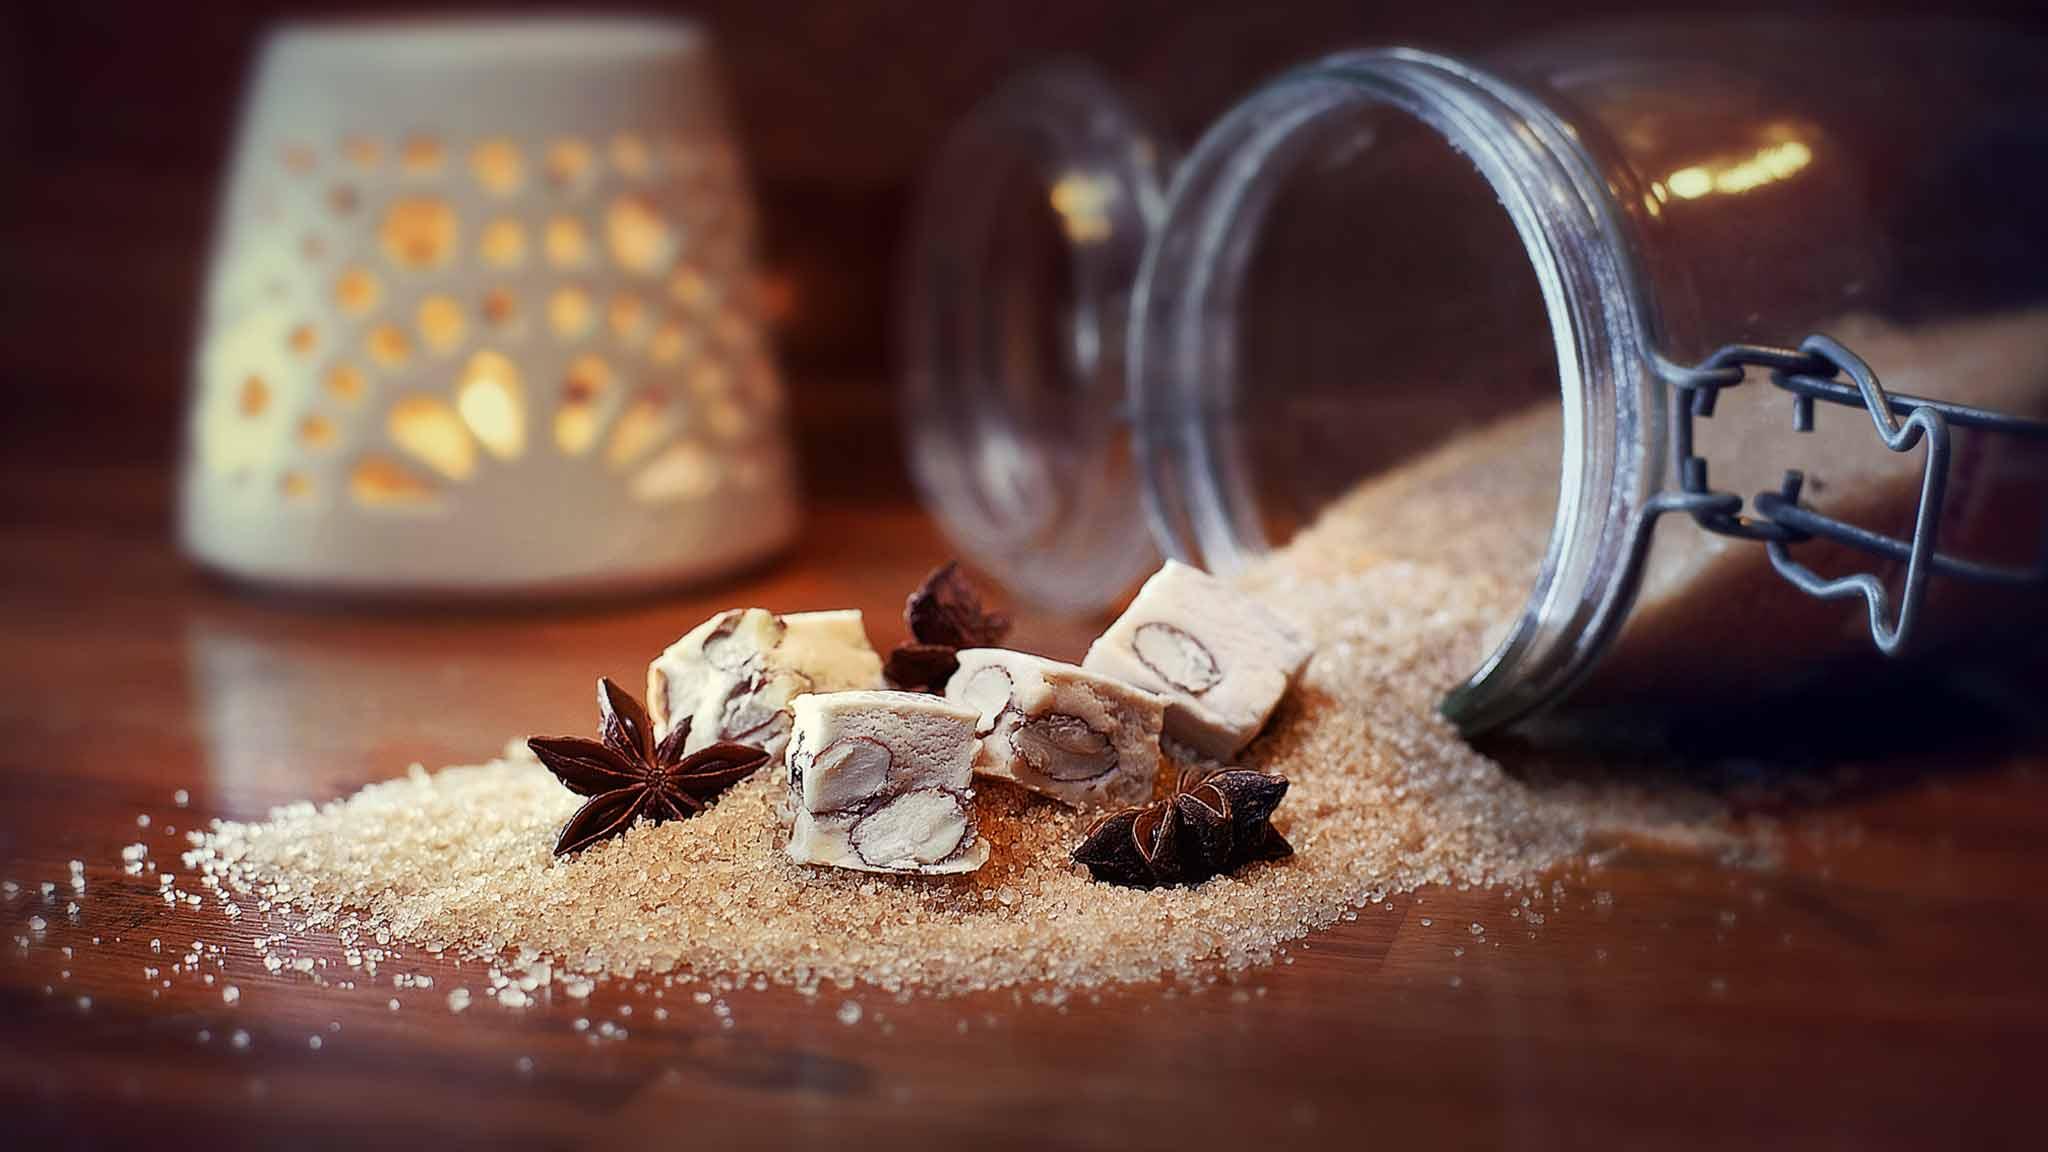 photographe-produits-packshot-gentle-studio-nancy-lorraine-54-culinaire-nougats-epices-sucre-hiver-chaleureux-food-photography